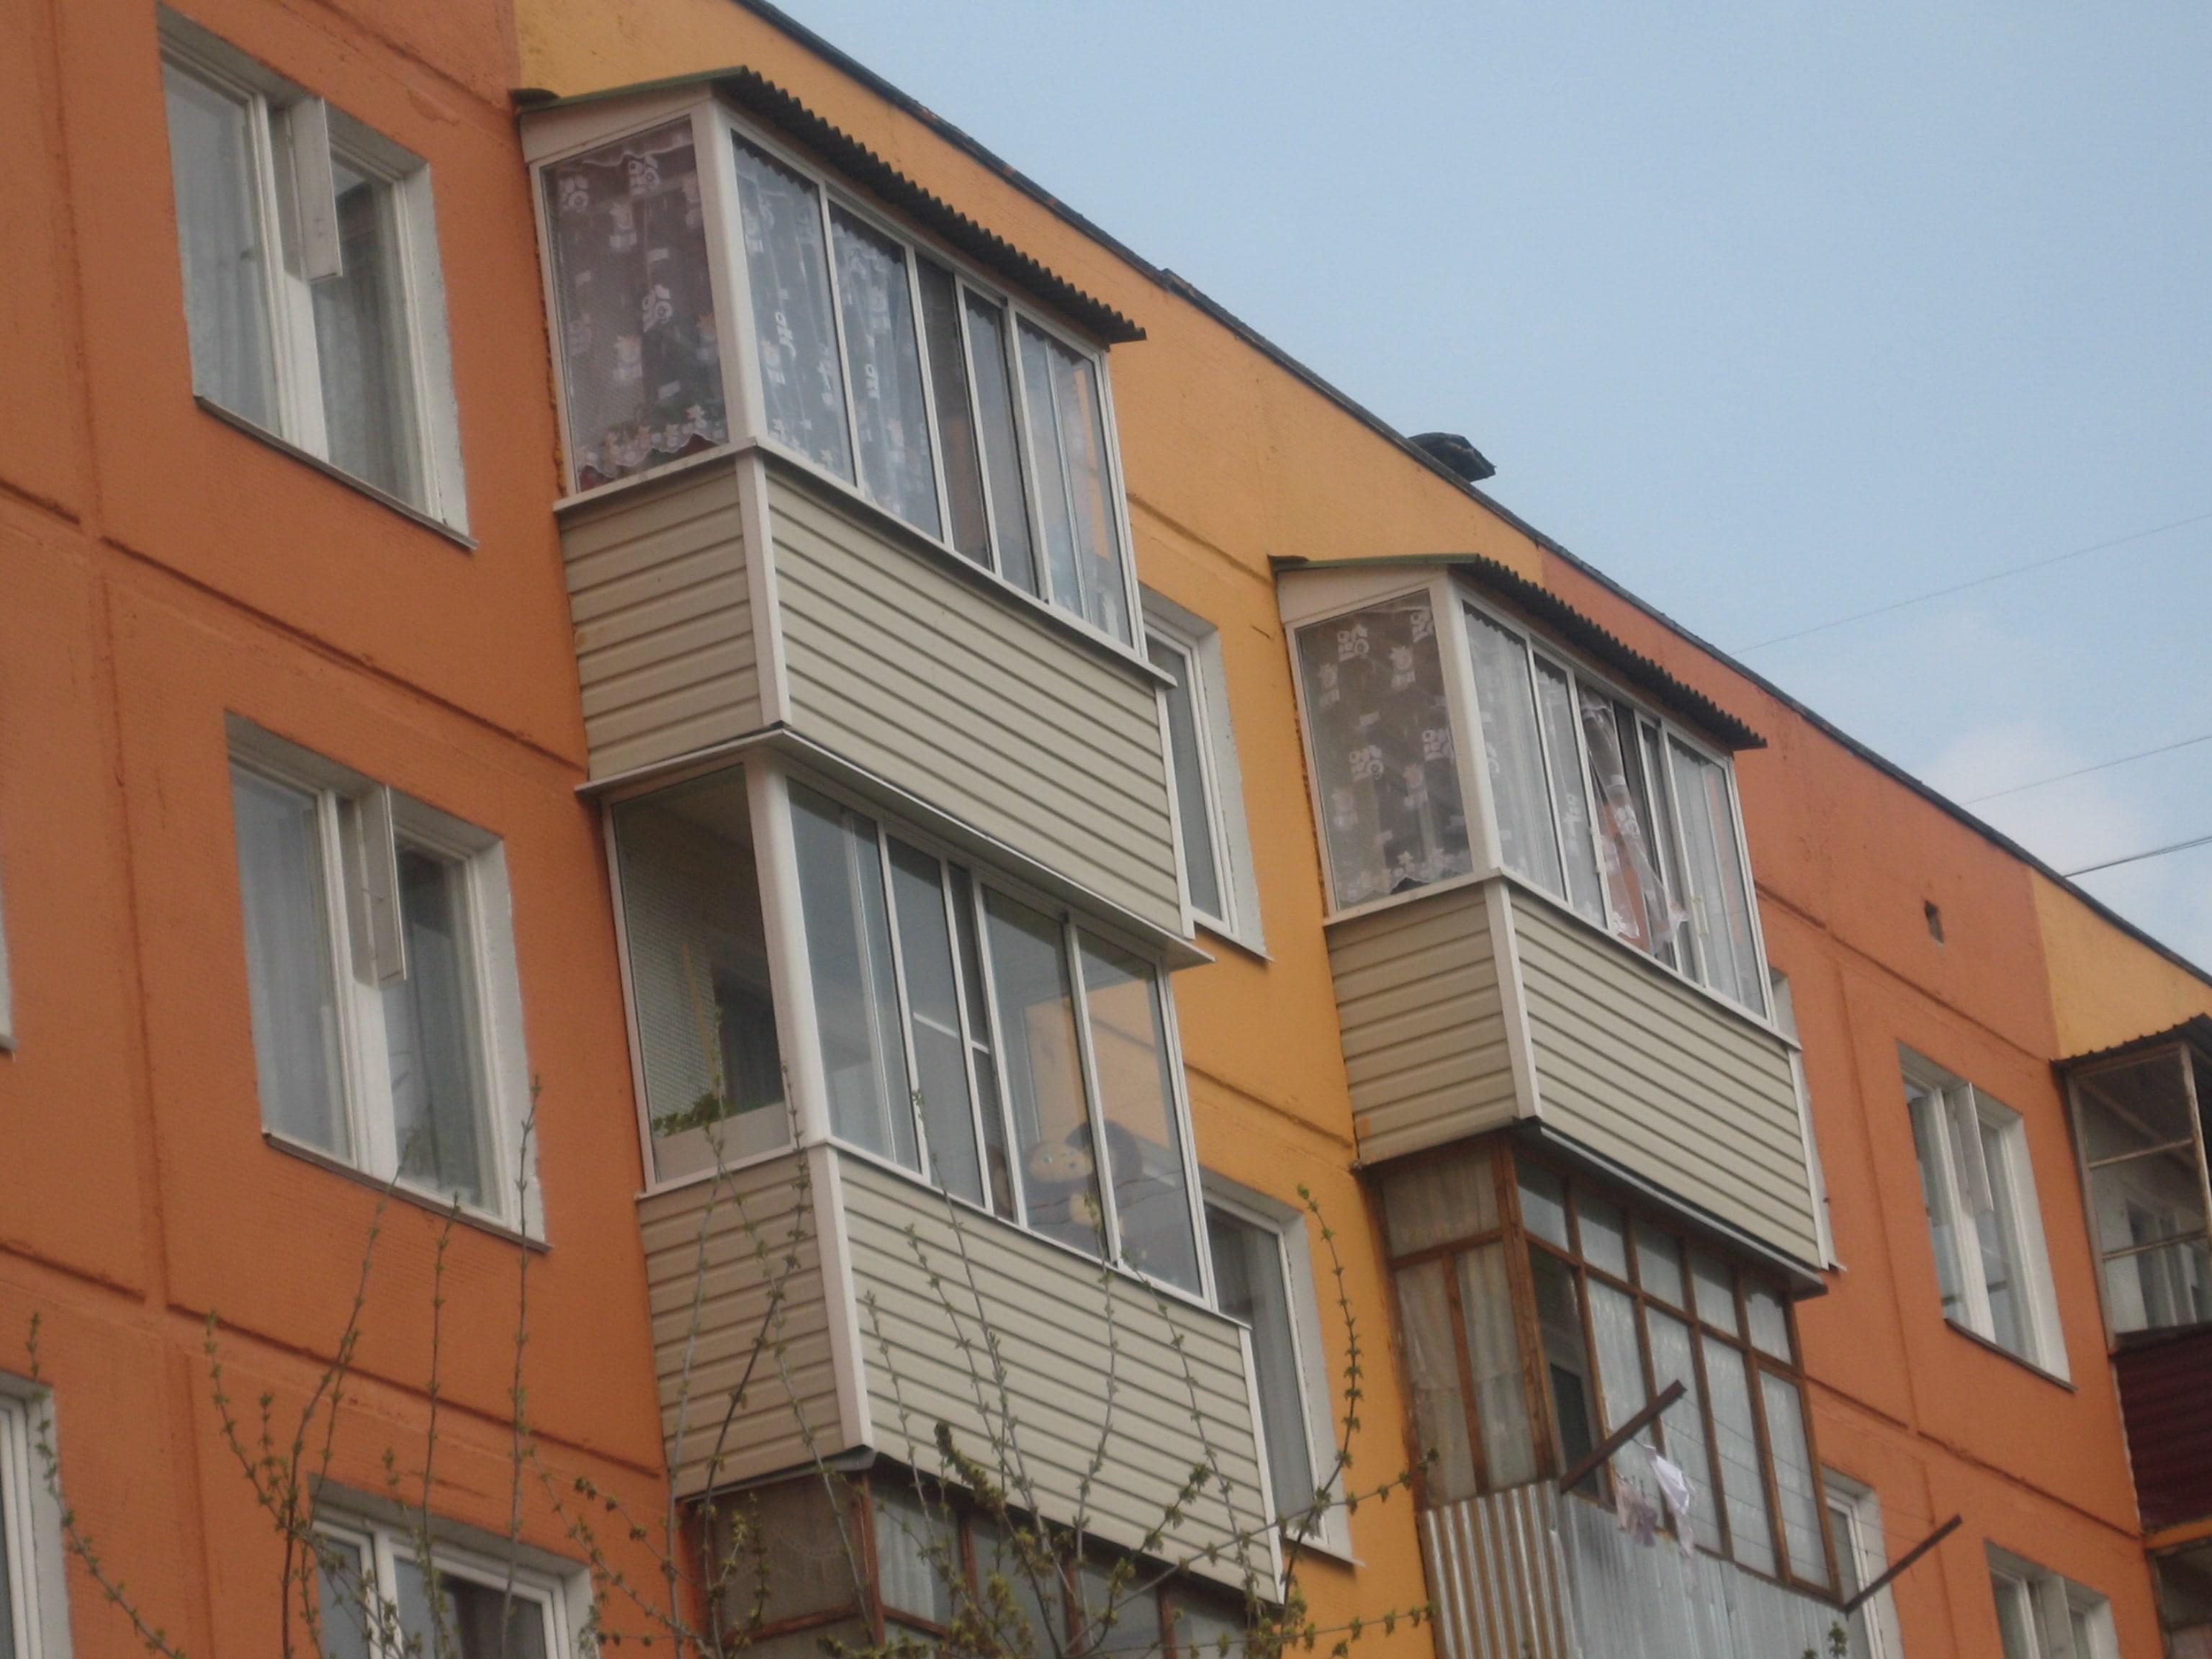 Балконы, внешняя отделка, крыша, вынос.